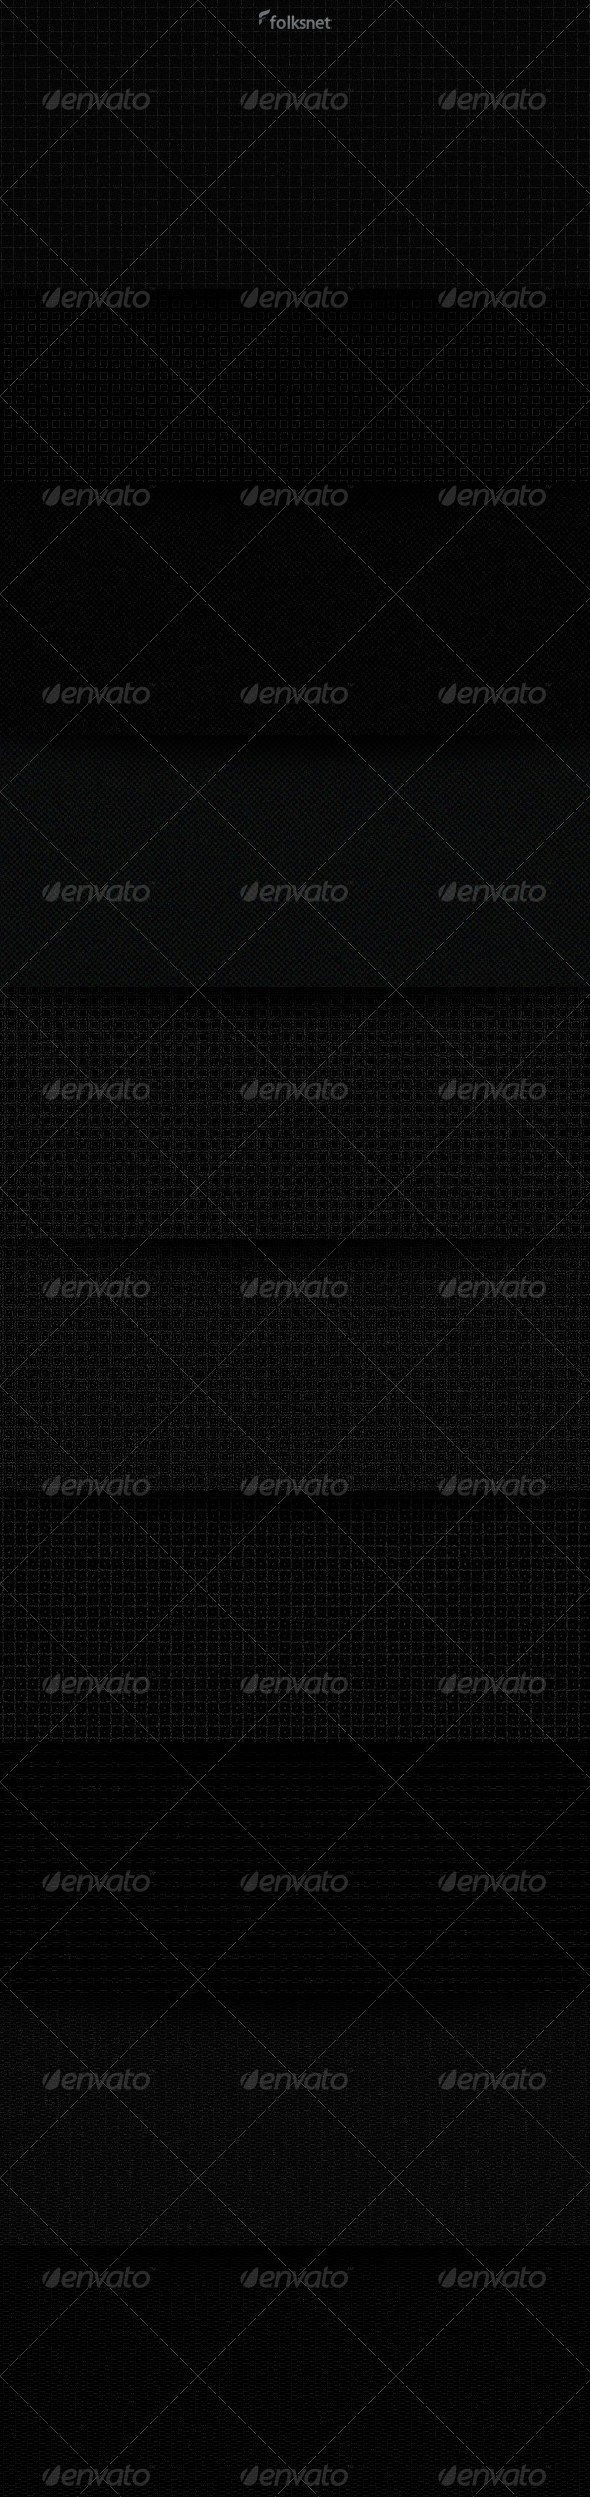 Grunge Dark Textures - Industrial / Grunge Textures